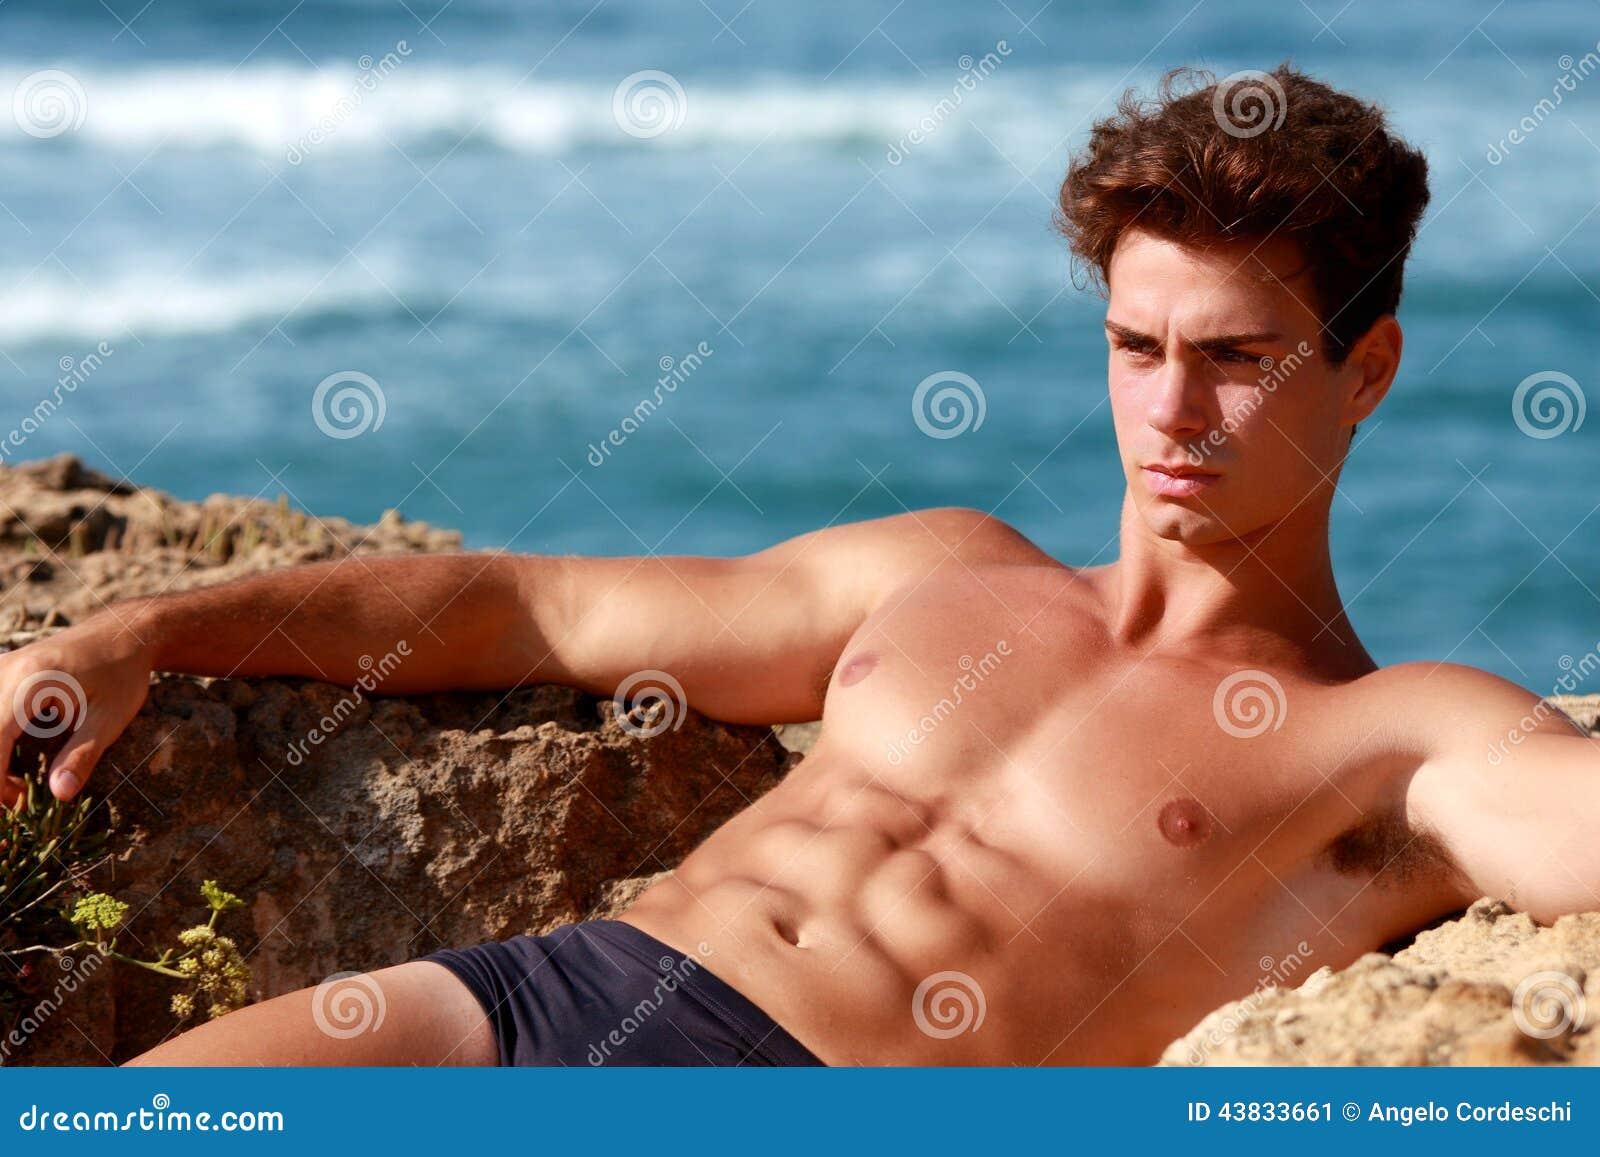 Détente musculaire de type sérieuse et réfléchie en mer